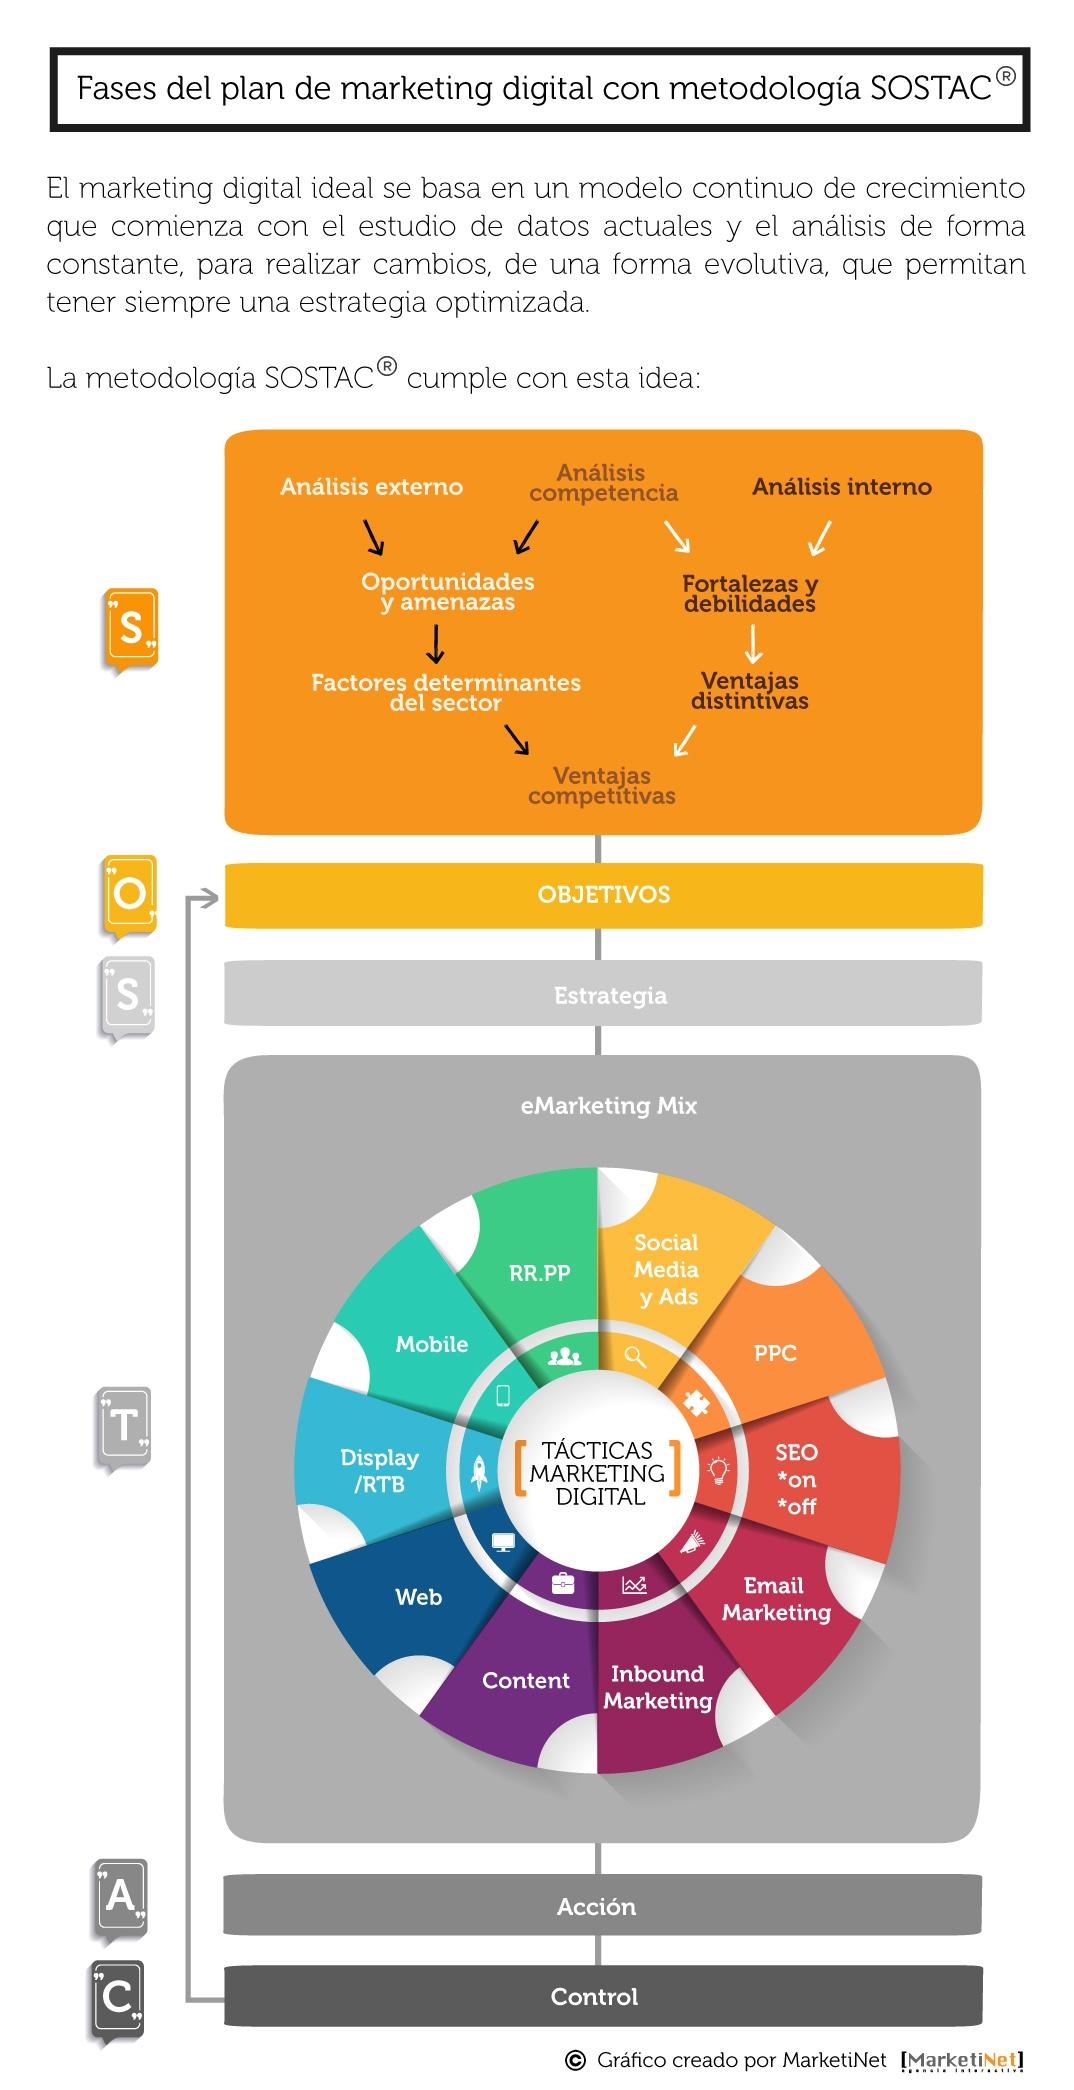 Infografía Fases Plan de Marketing Digital con metodología SOSTAC